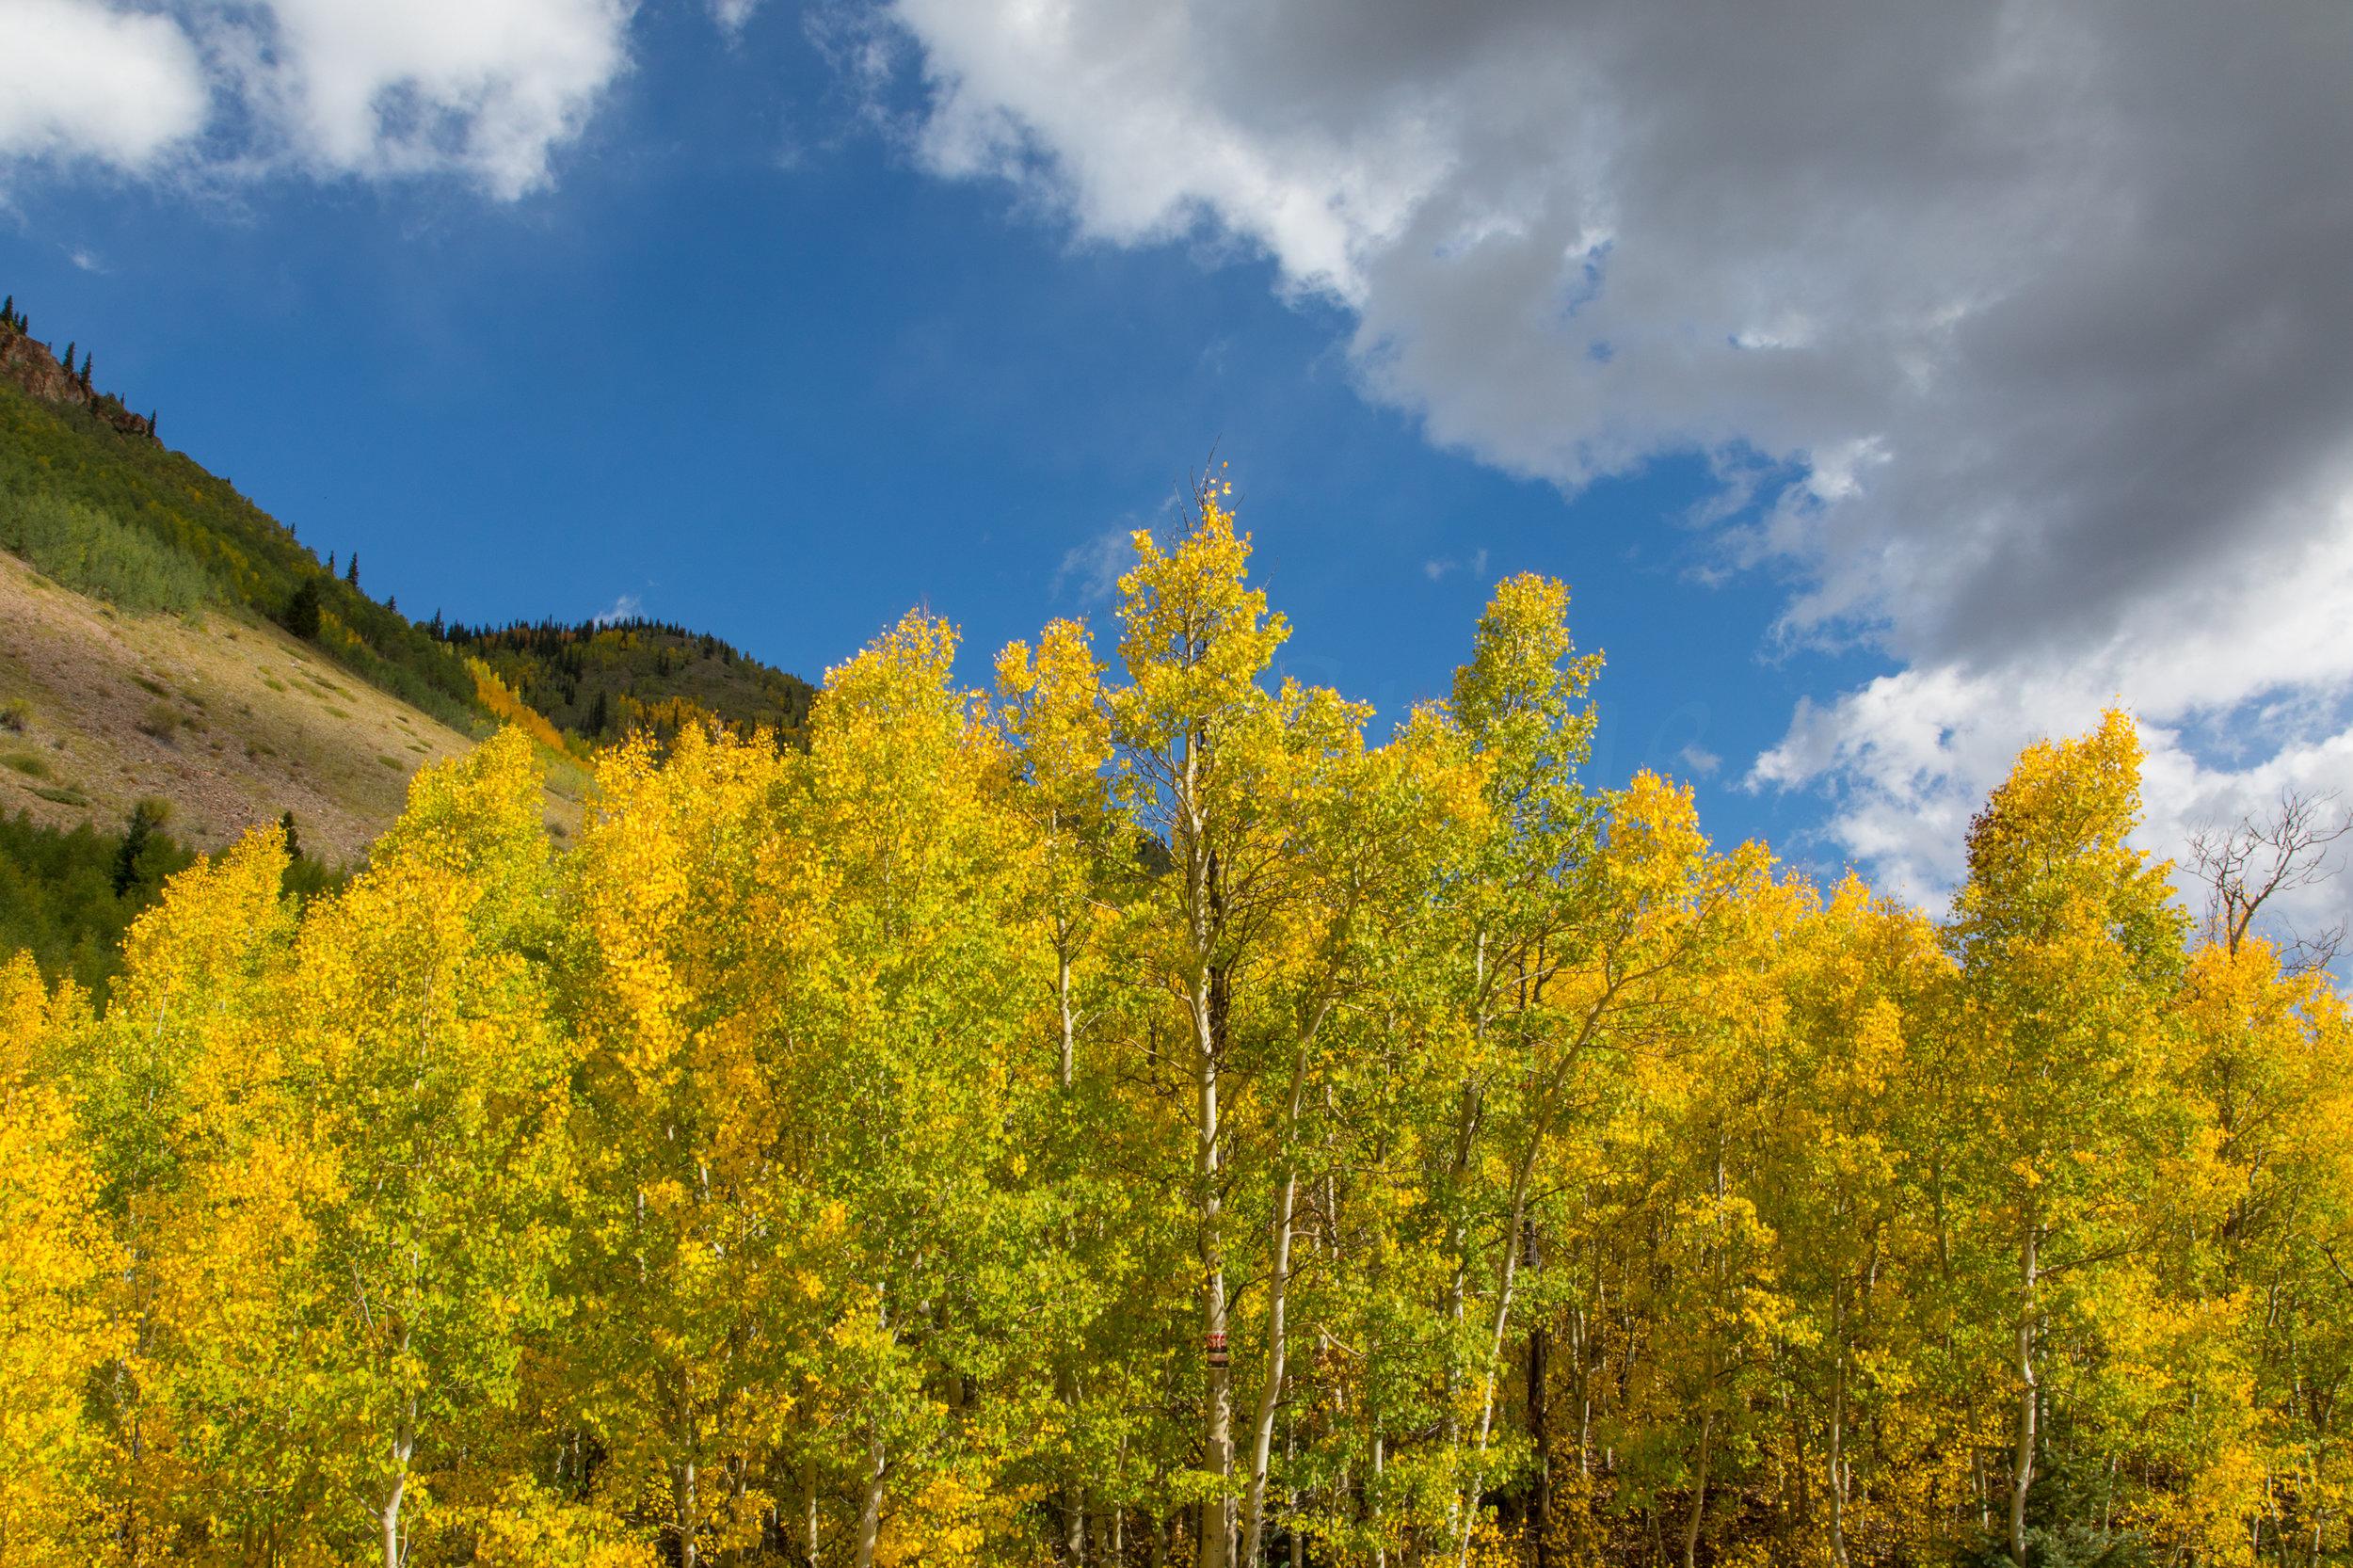 Silverton, Colorado, Image # 9708